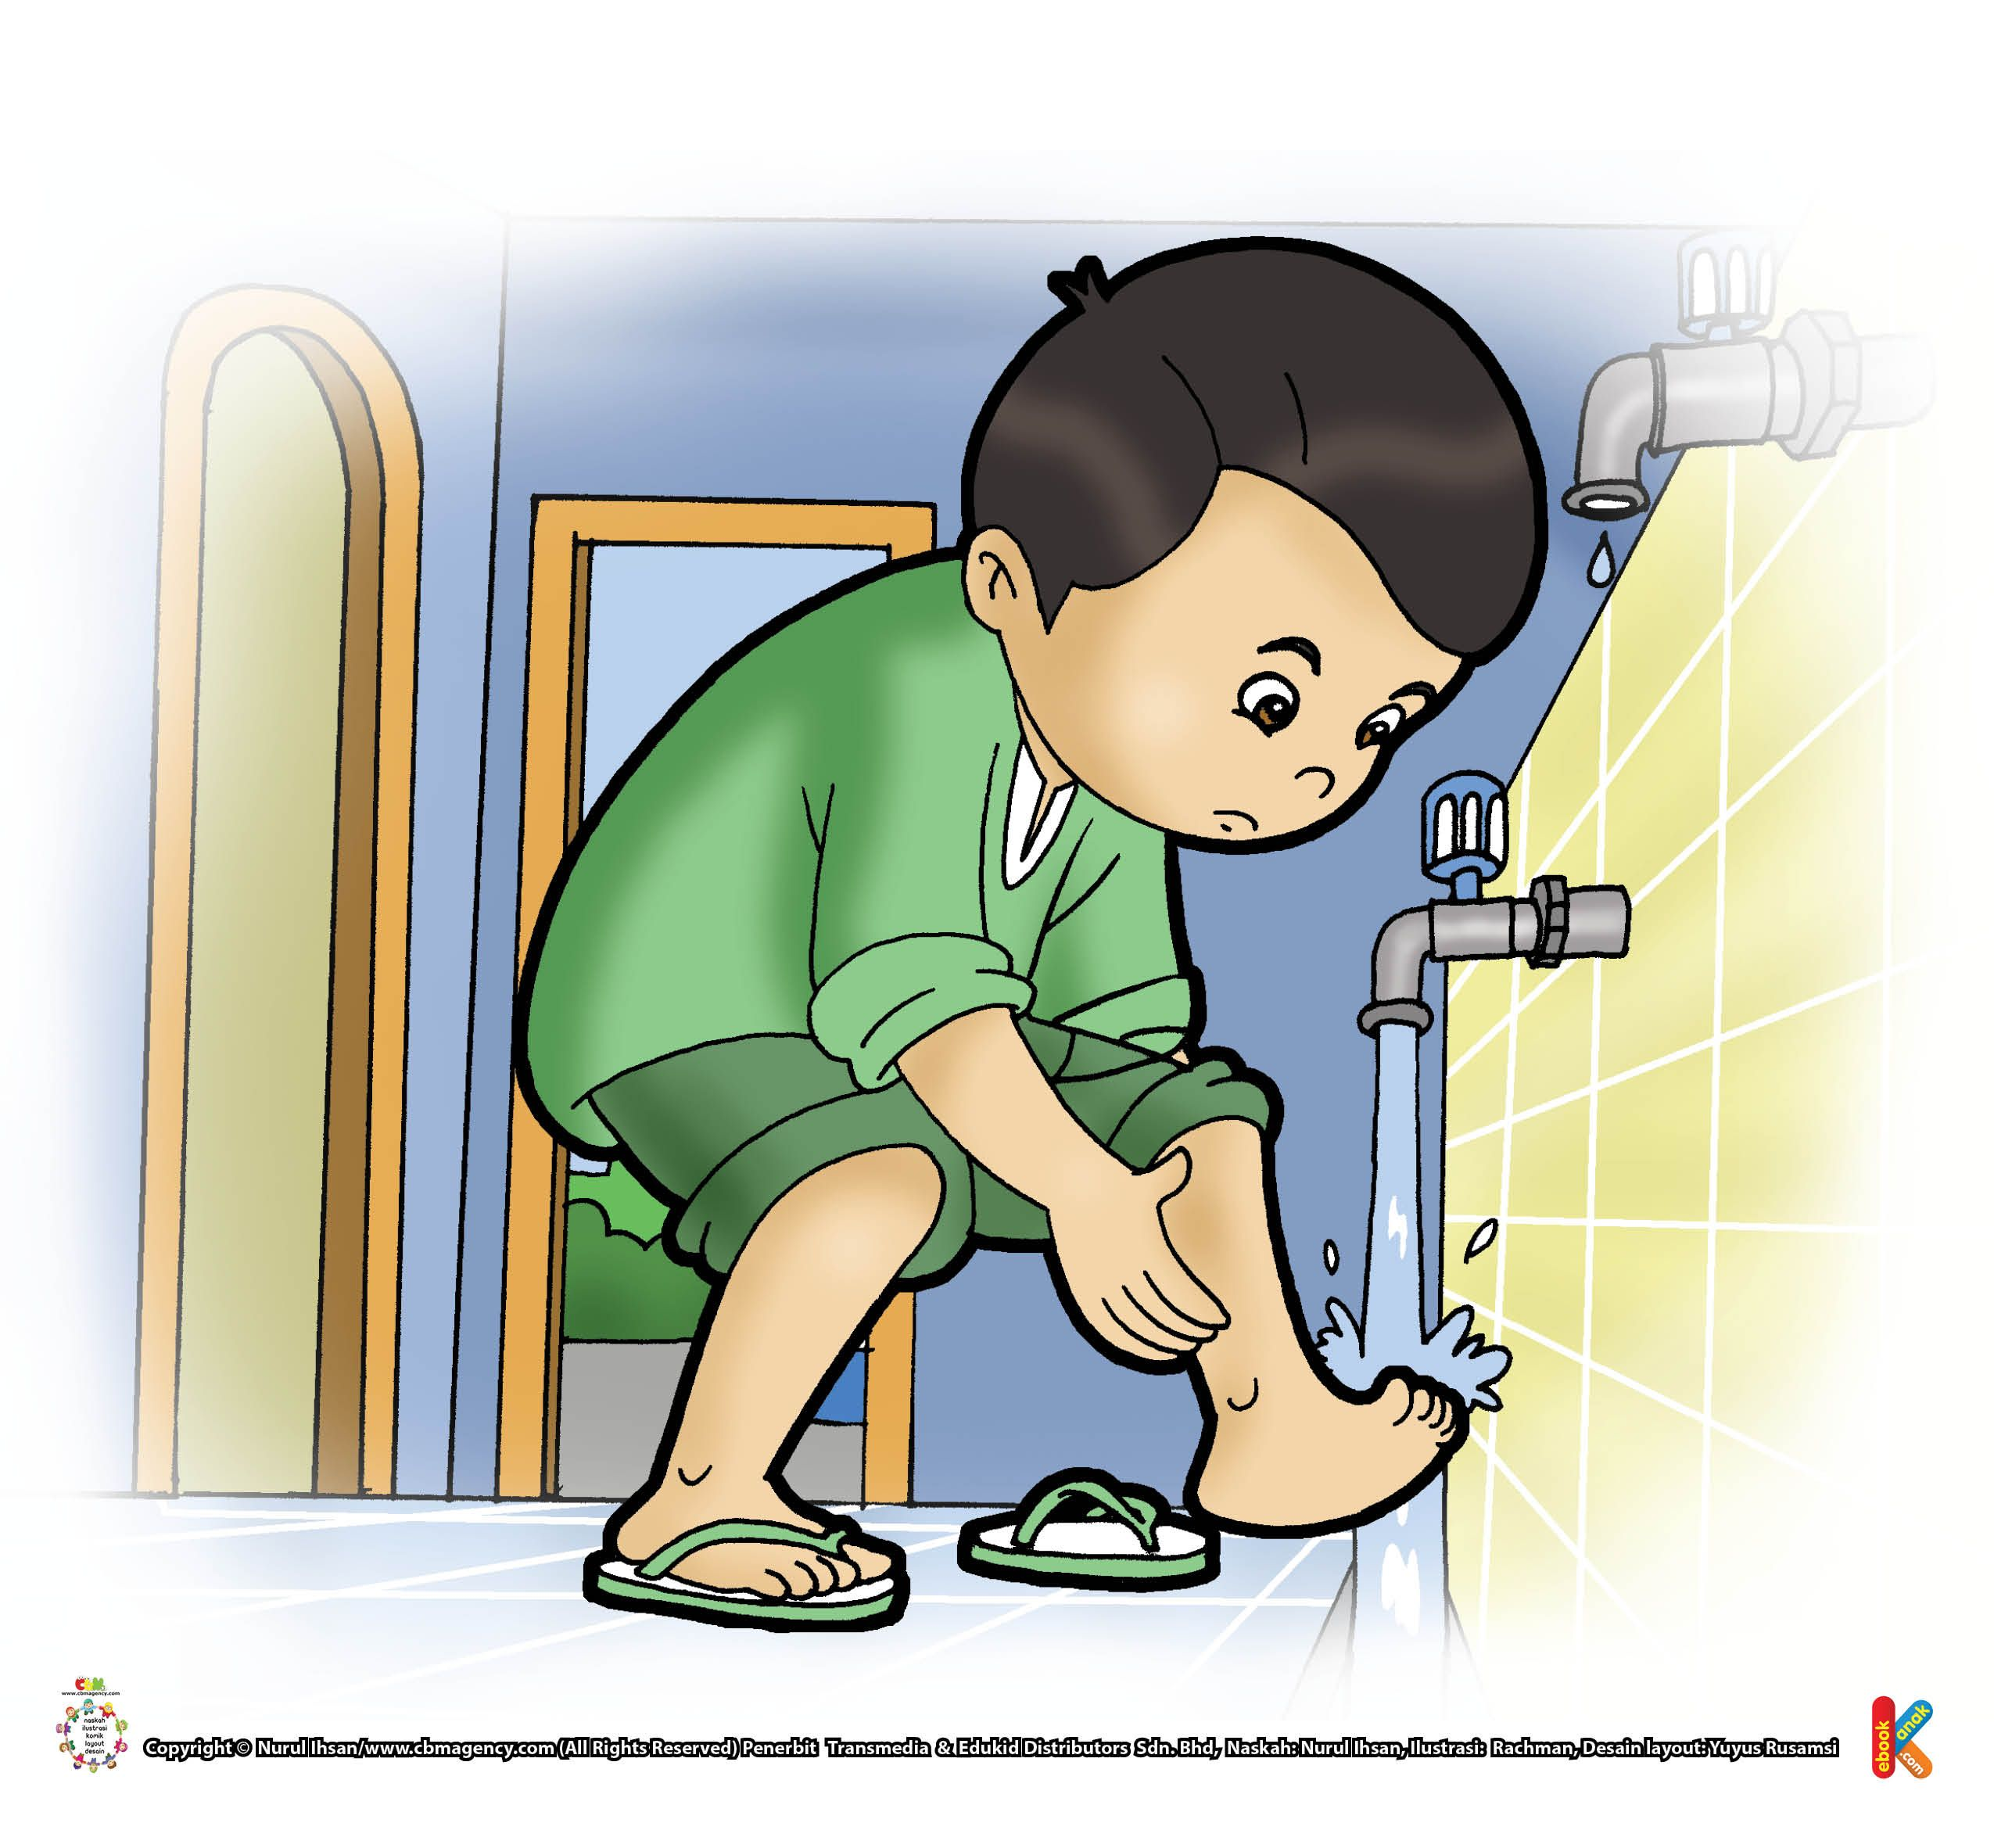 27+ Gambar Kartun Anak Cuci Kaki - Gambar Kartun Mu